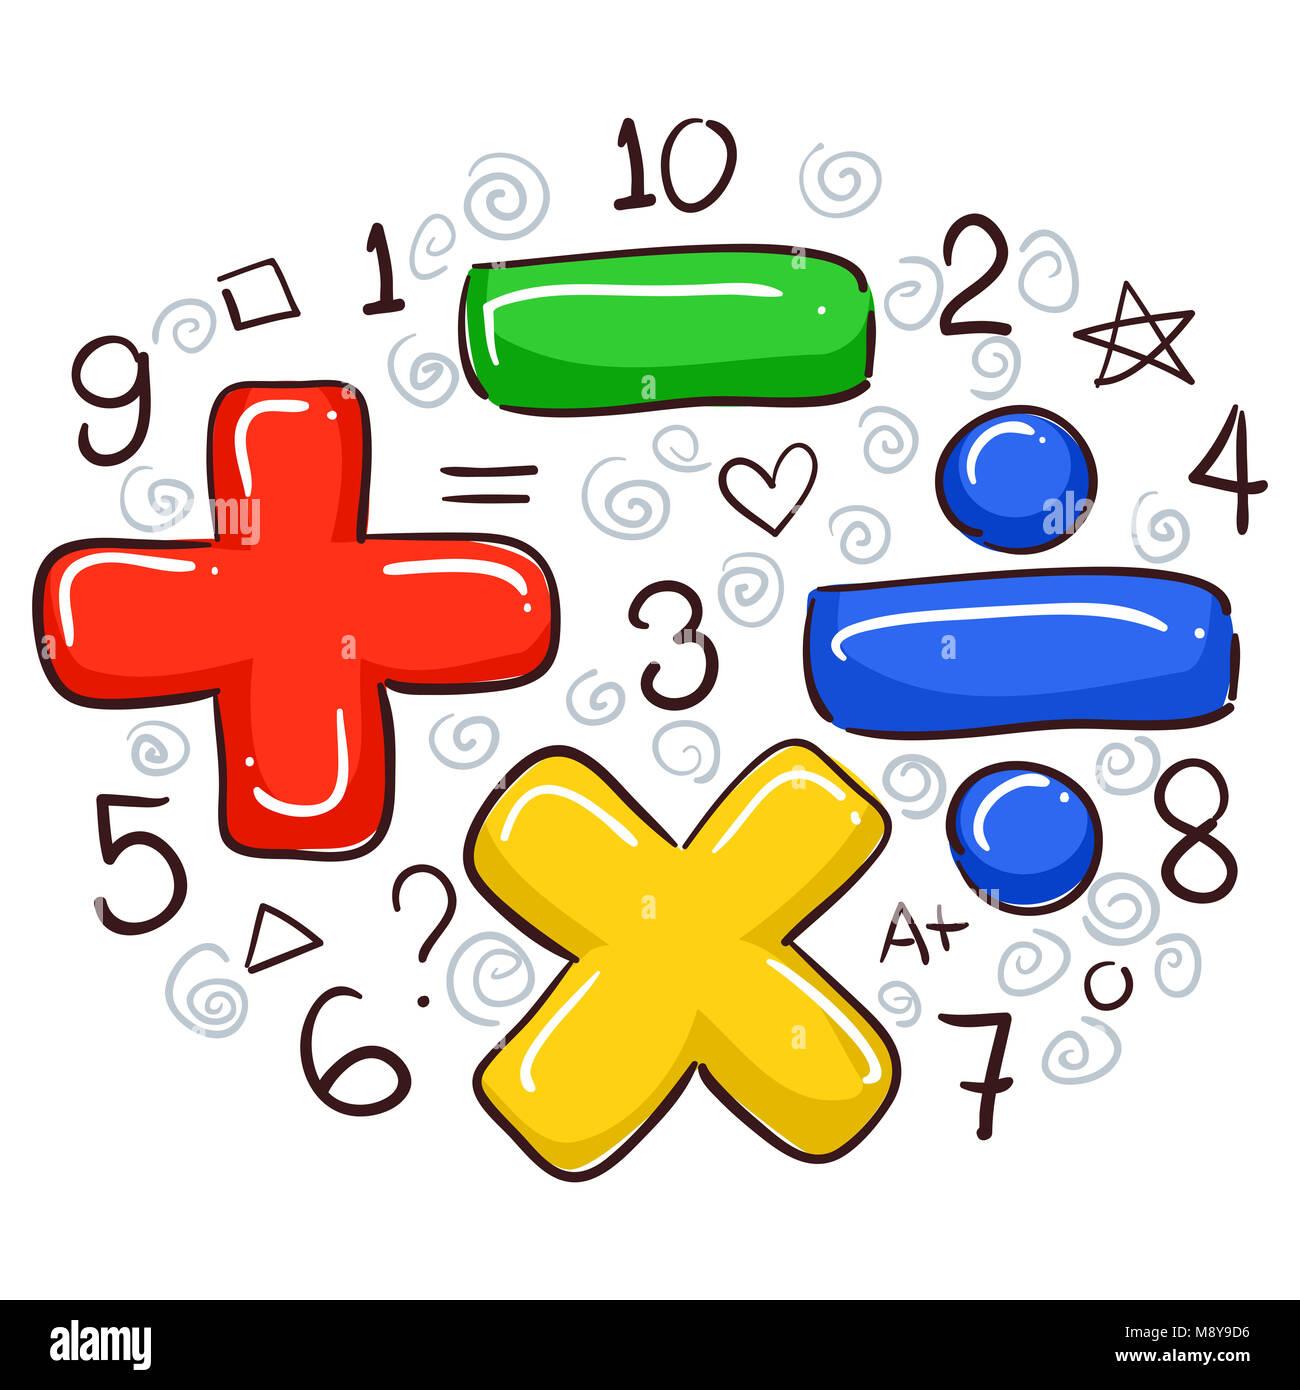 Ilustracion De Los Simbolos Matematicos Y Numeros Foto Imagen De